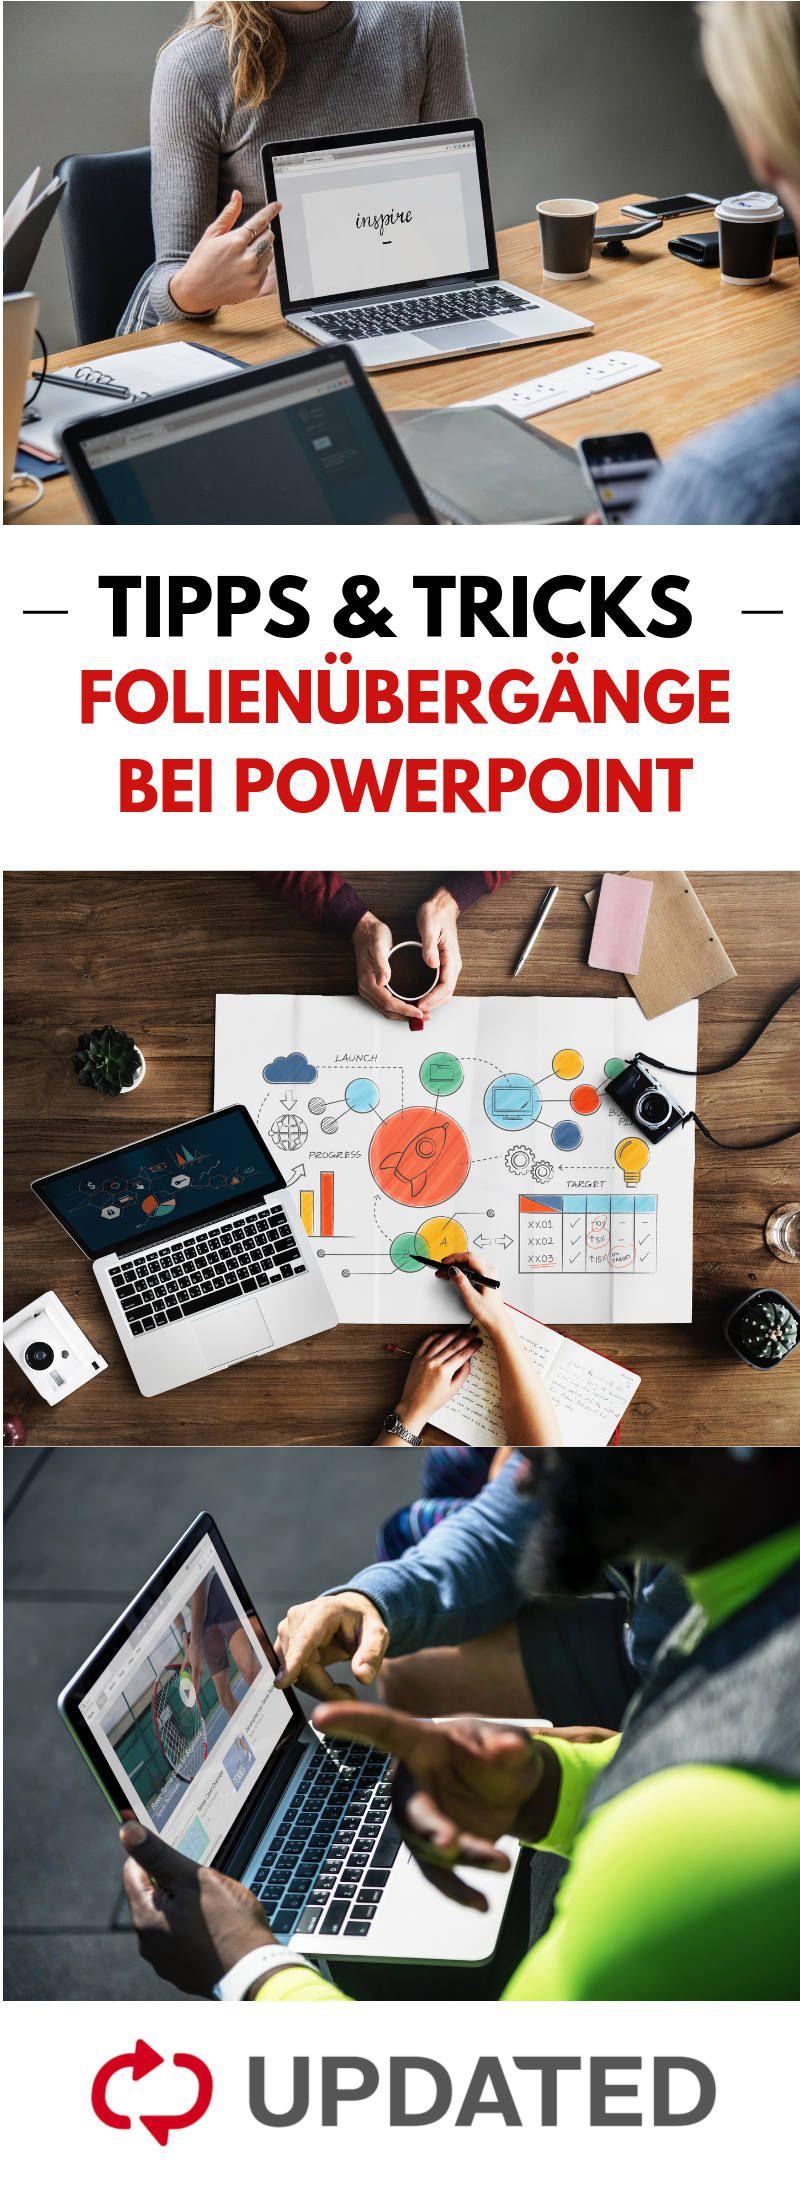 Powerpoint Folienubergange Ganz Einfach Anpassen Power Point Druckerpapier Folie